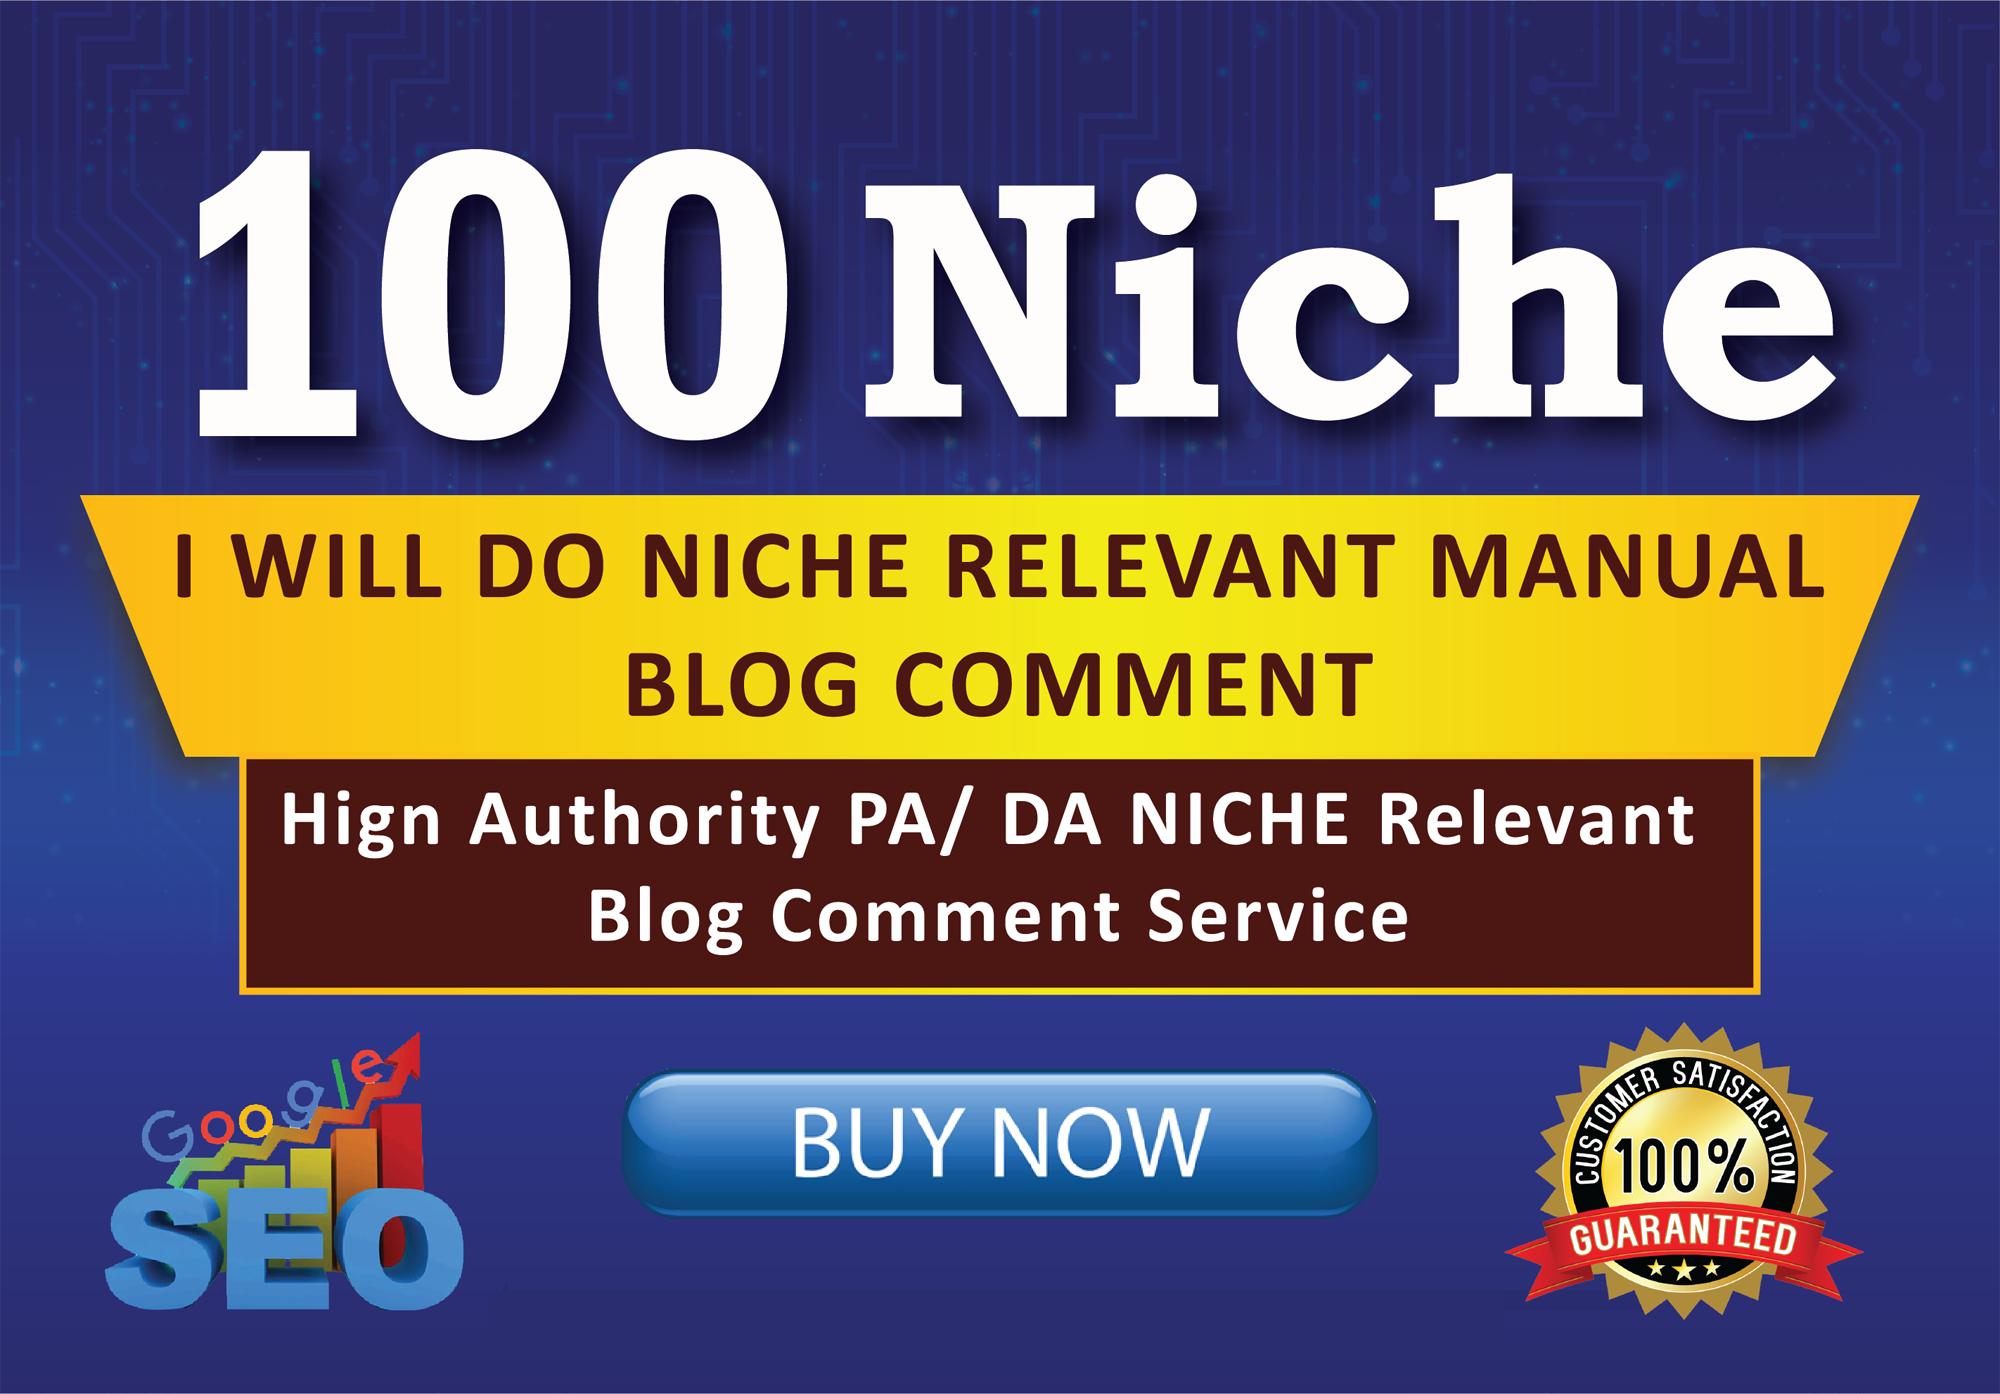 100 Niche Relevant Blog comments